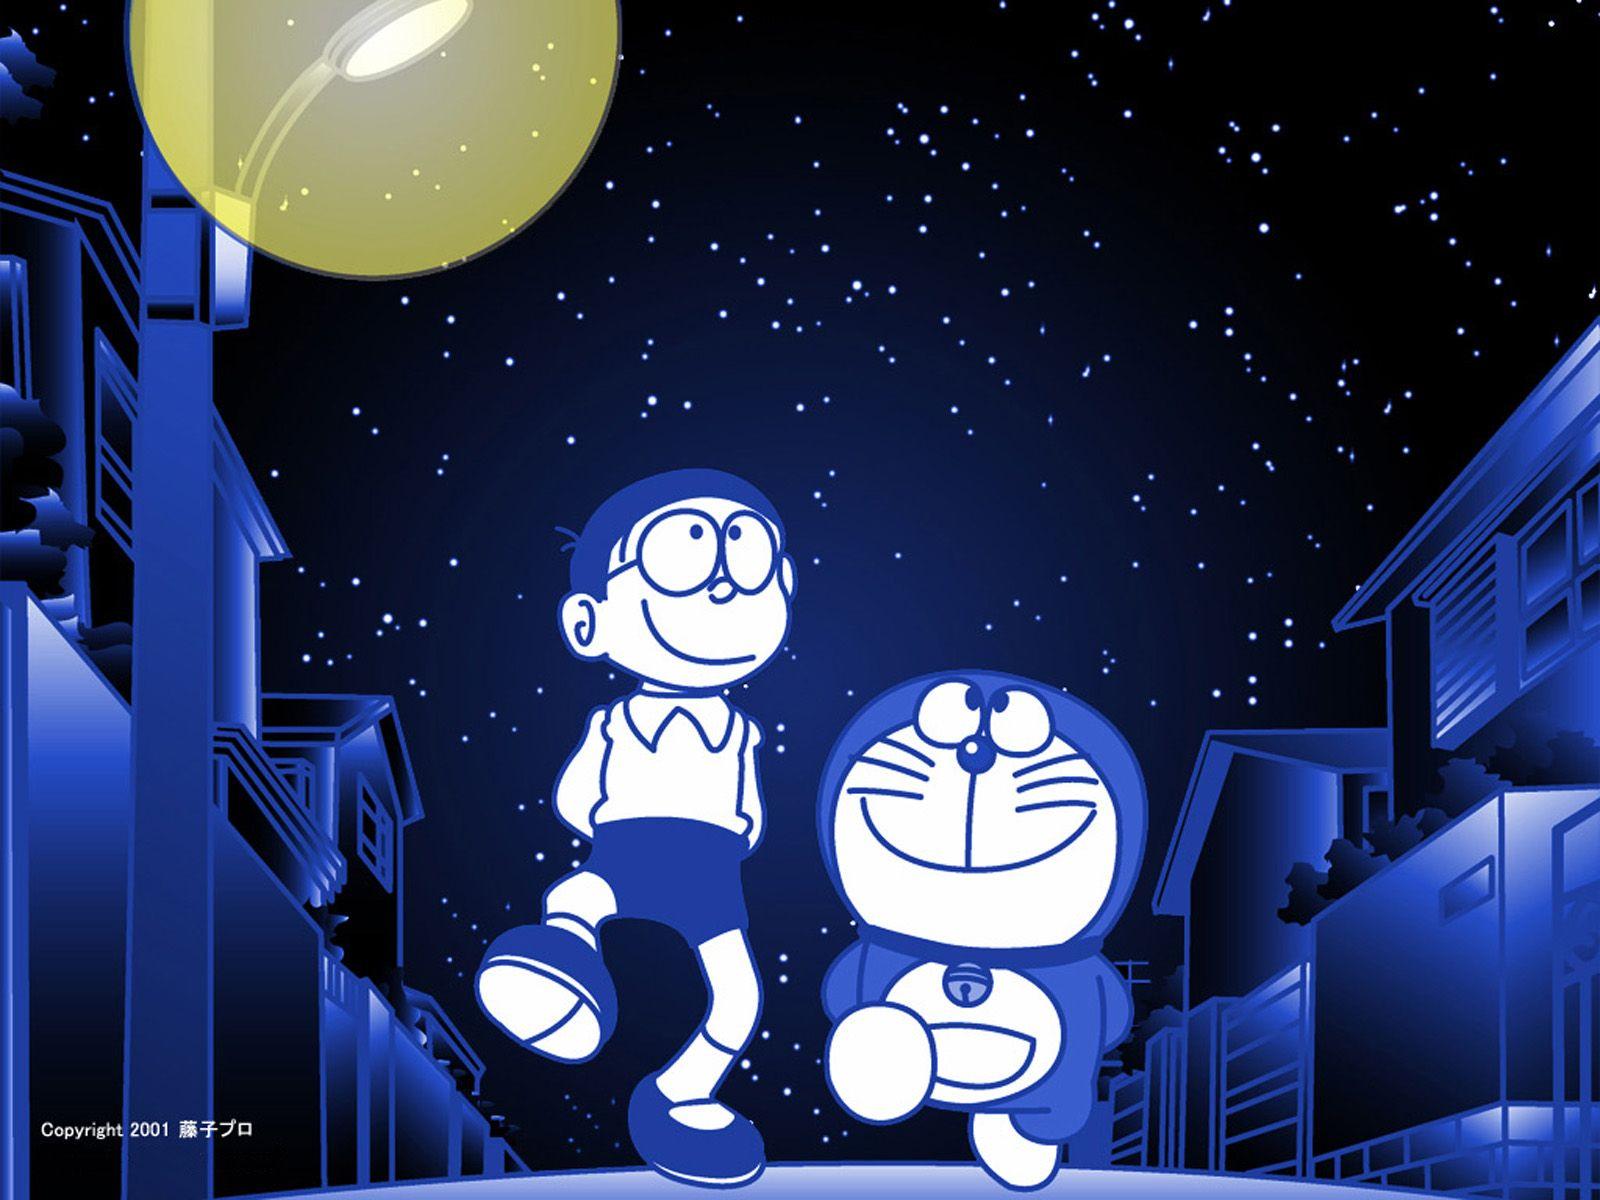 Doraemon Wallpaper 1600x1200 Wallpapers 1600x1200 Wallpapers